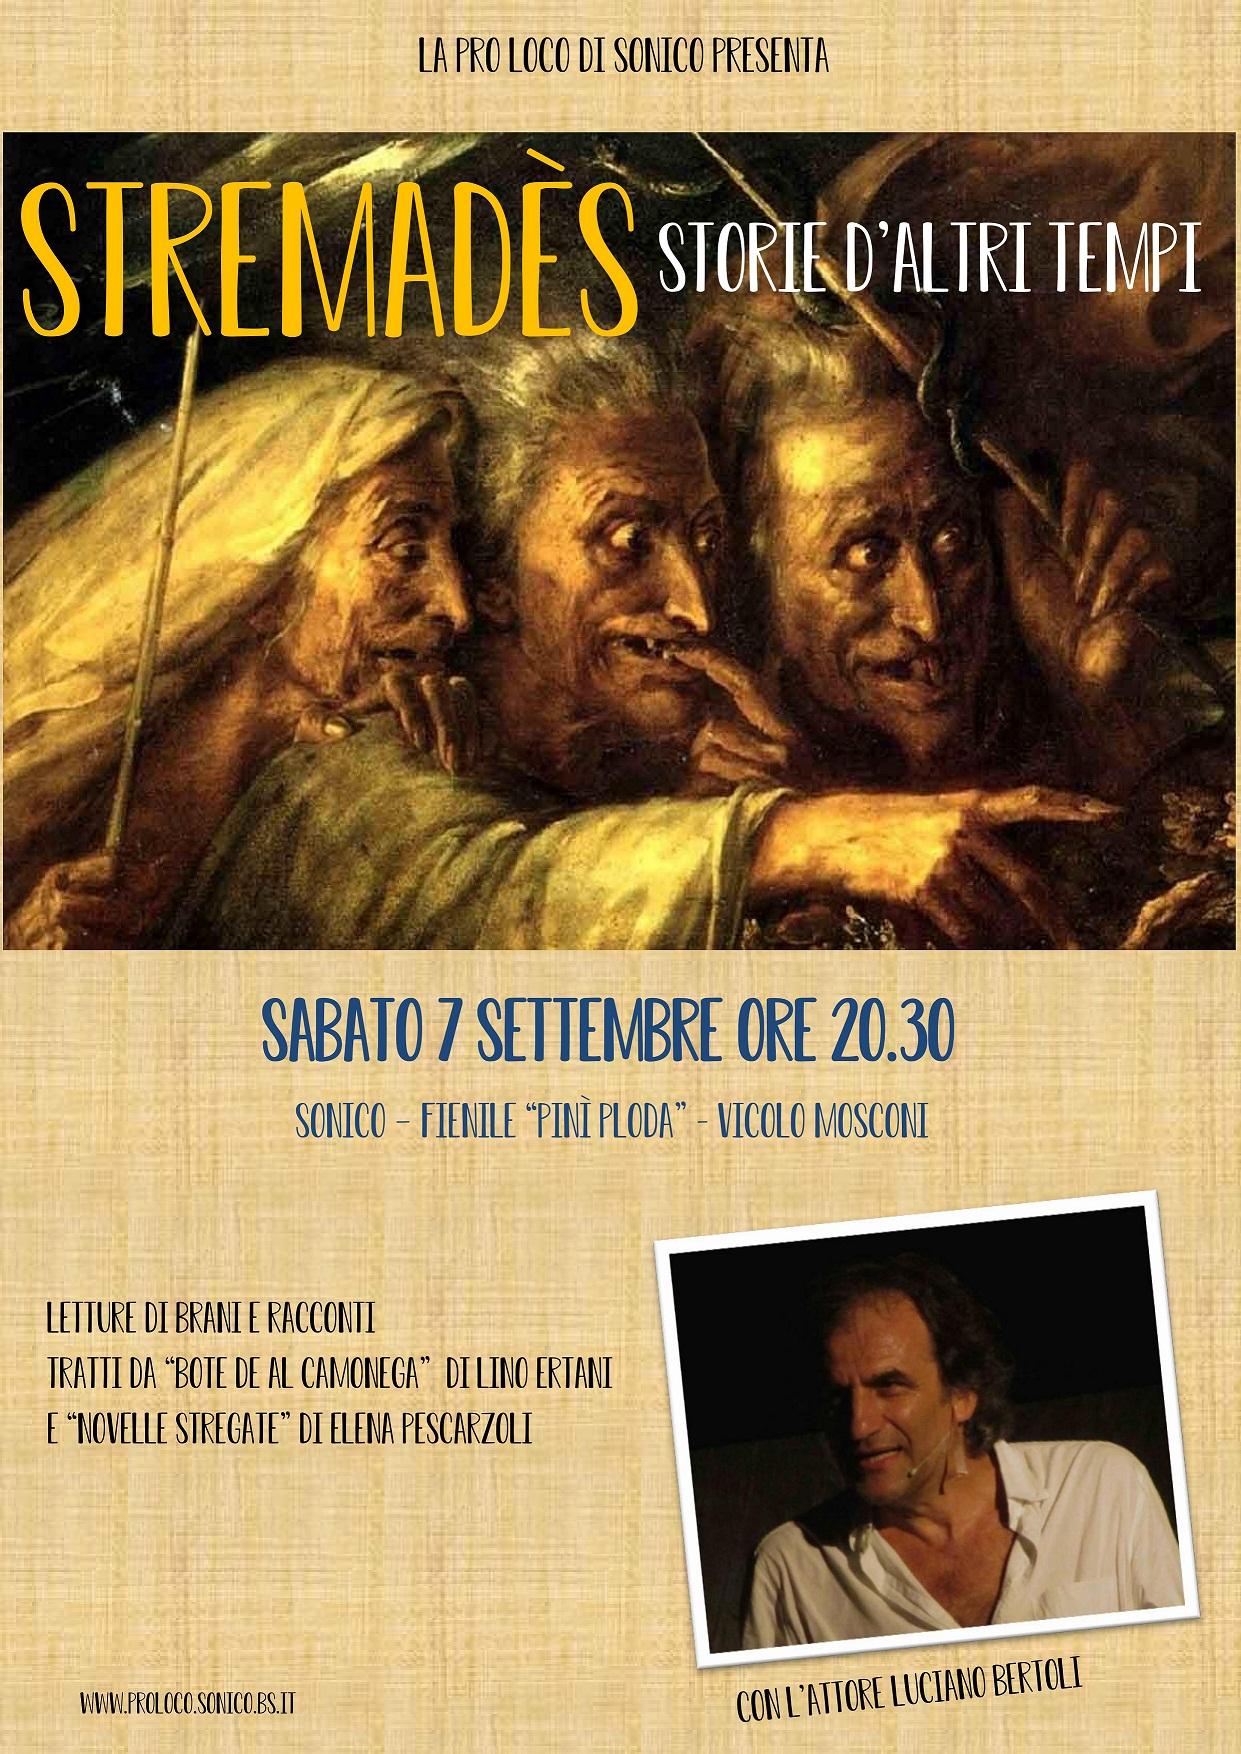 Stremades